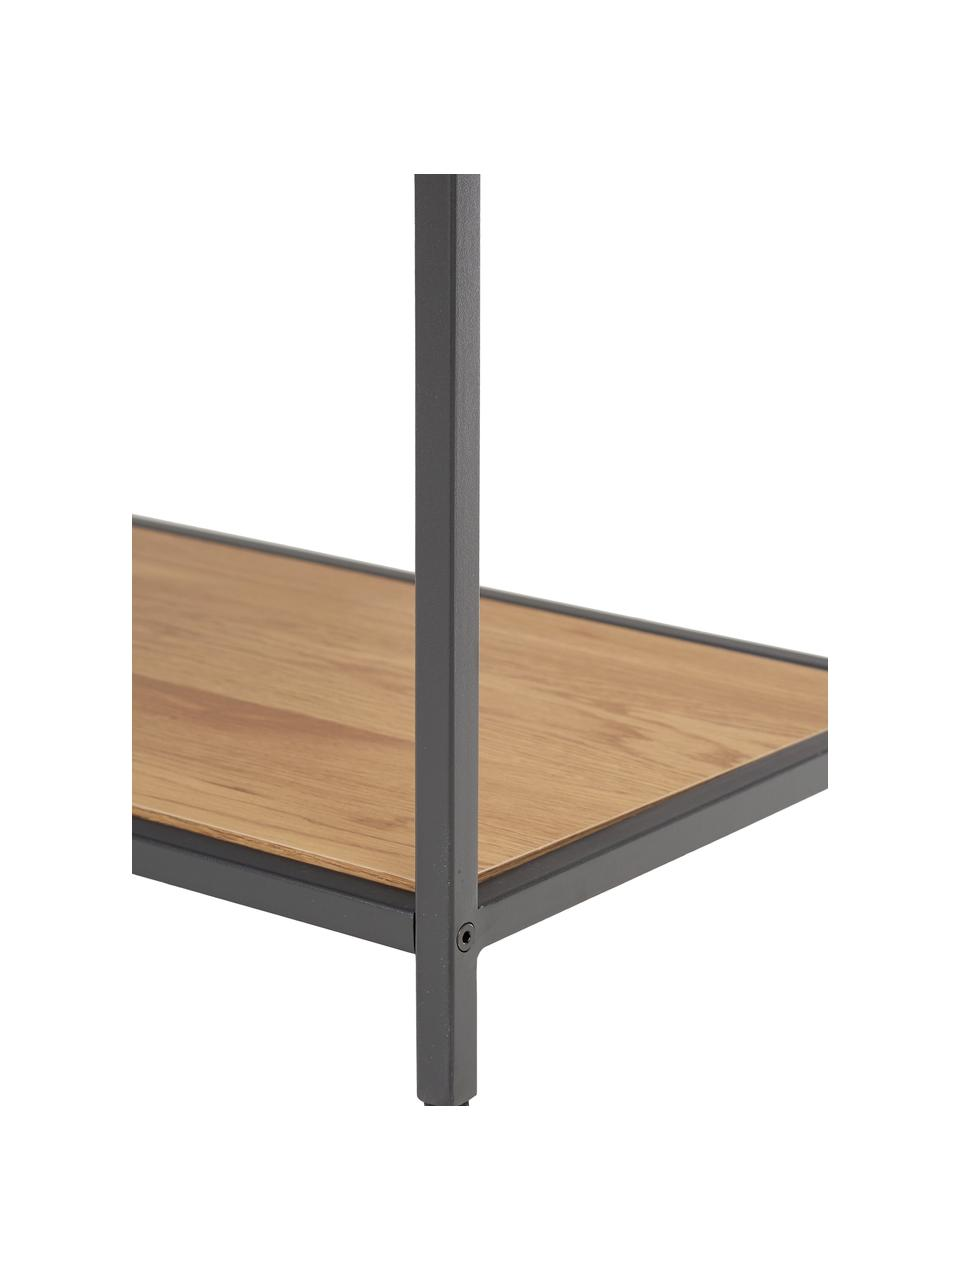 Libreria in legno e metallo Seaford, Ripiani: pannello di fibra a media, Struttura: metallo verniciato a polv, Nero, quercia selvatica, Larg. 77 x Alt. 185 cm